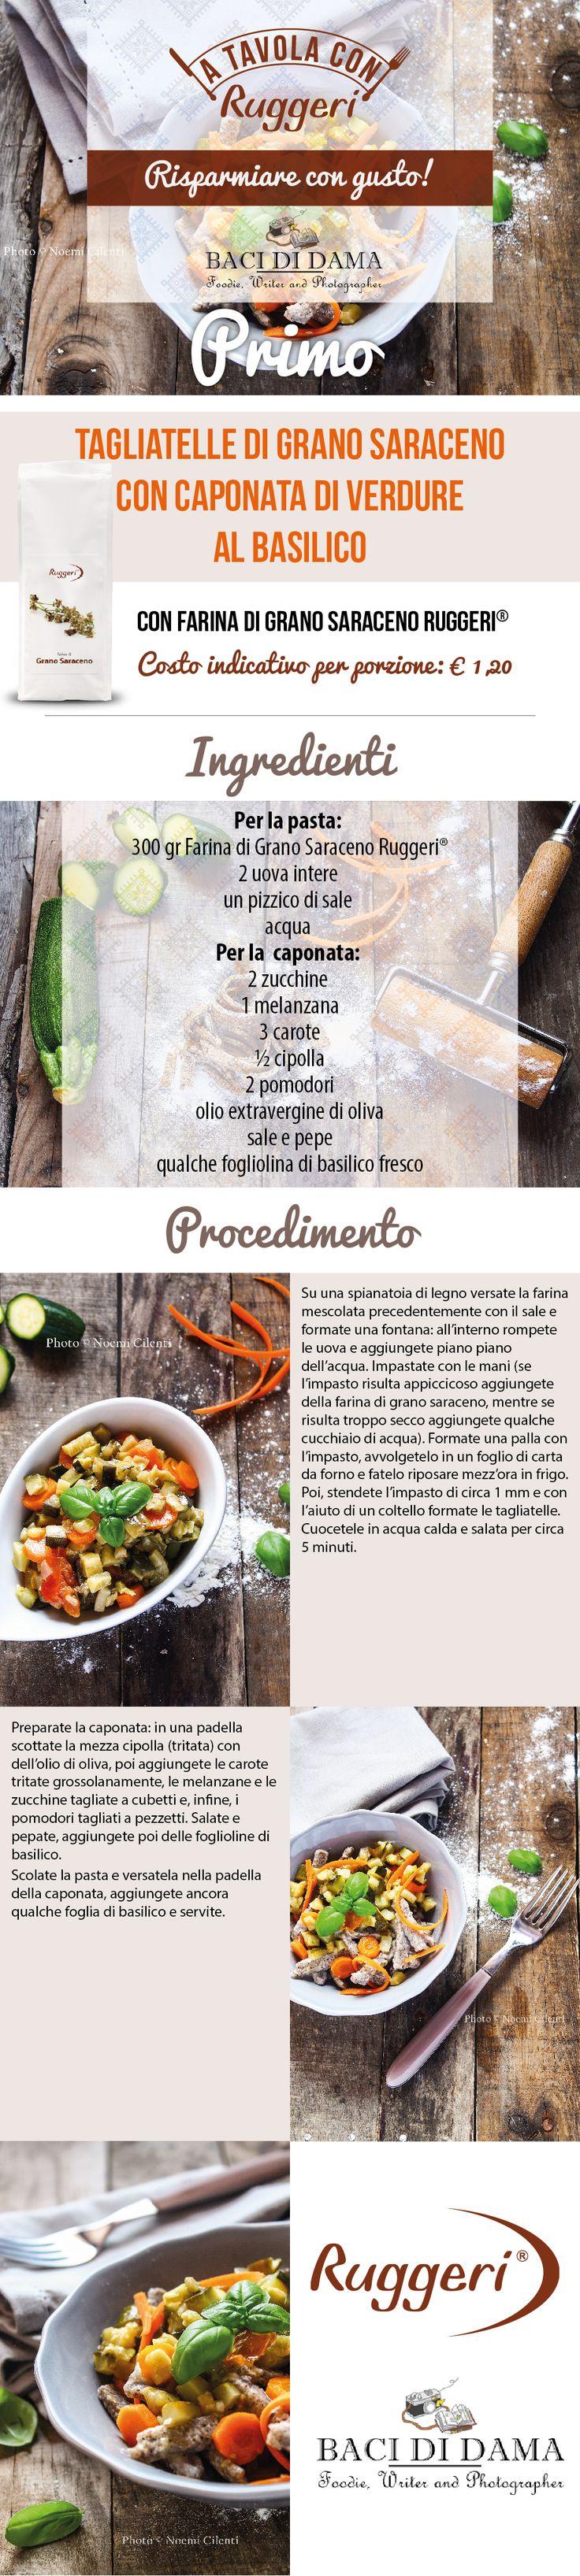 Ricetta per tagliatelle di grano saraceno con caponata di verdure al basilico. Prodotti Ruggeri utilizzati: Farina di Grano Saraceno Ruggeri. http://www.ruggerishop.it/it/  http://www.bacididama-blog.com